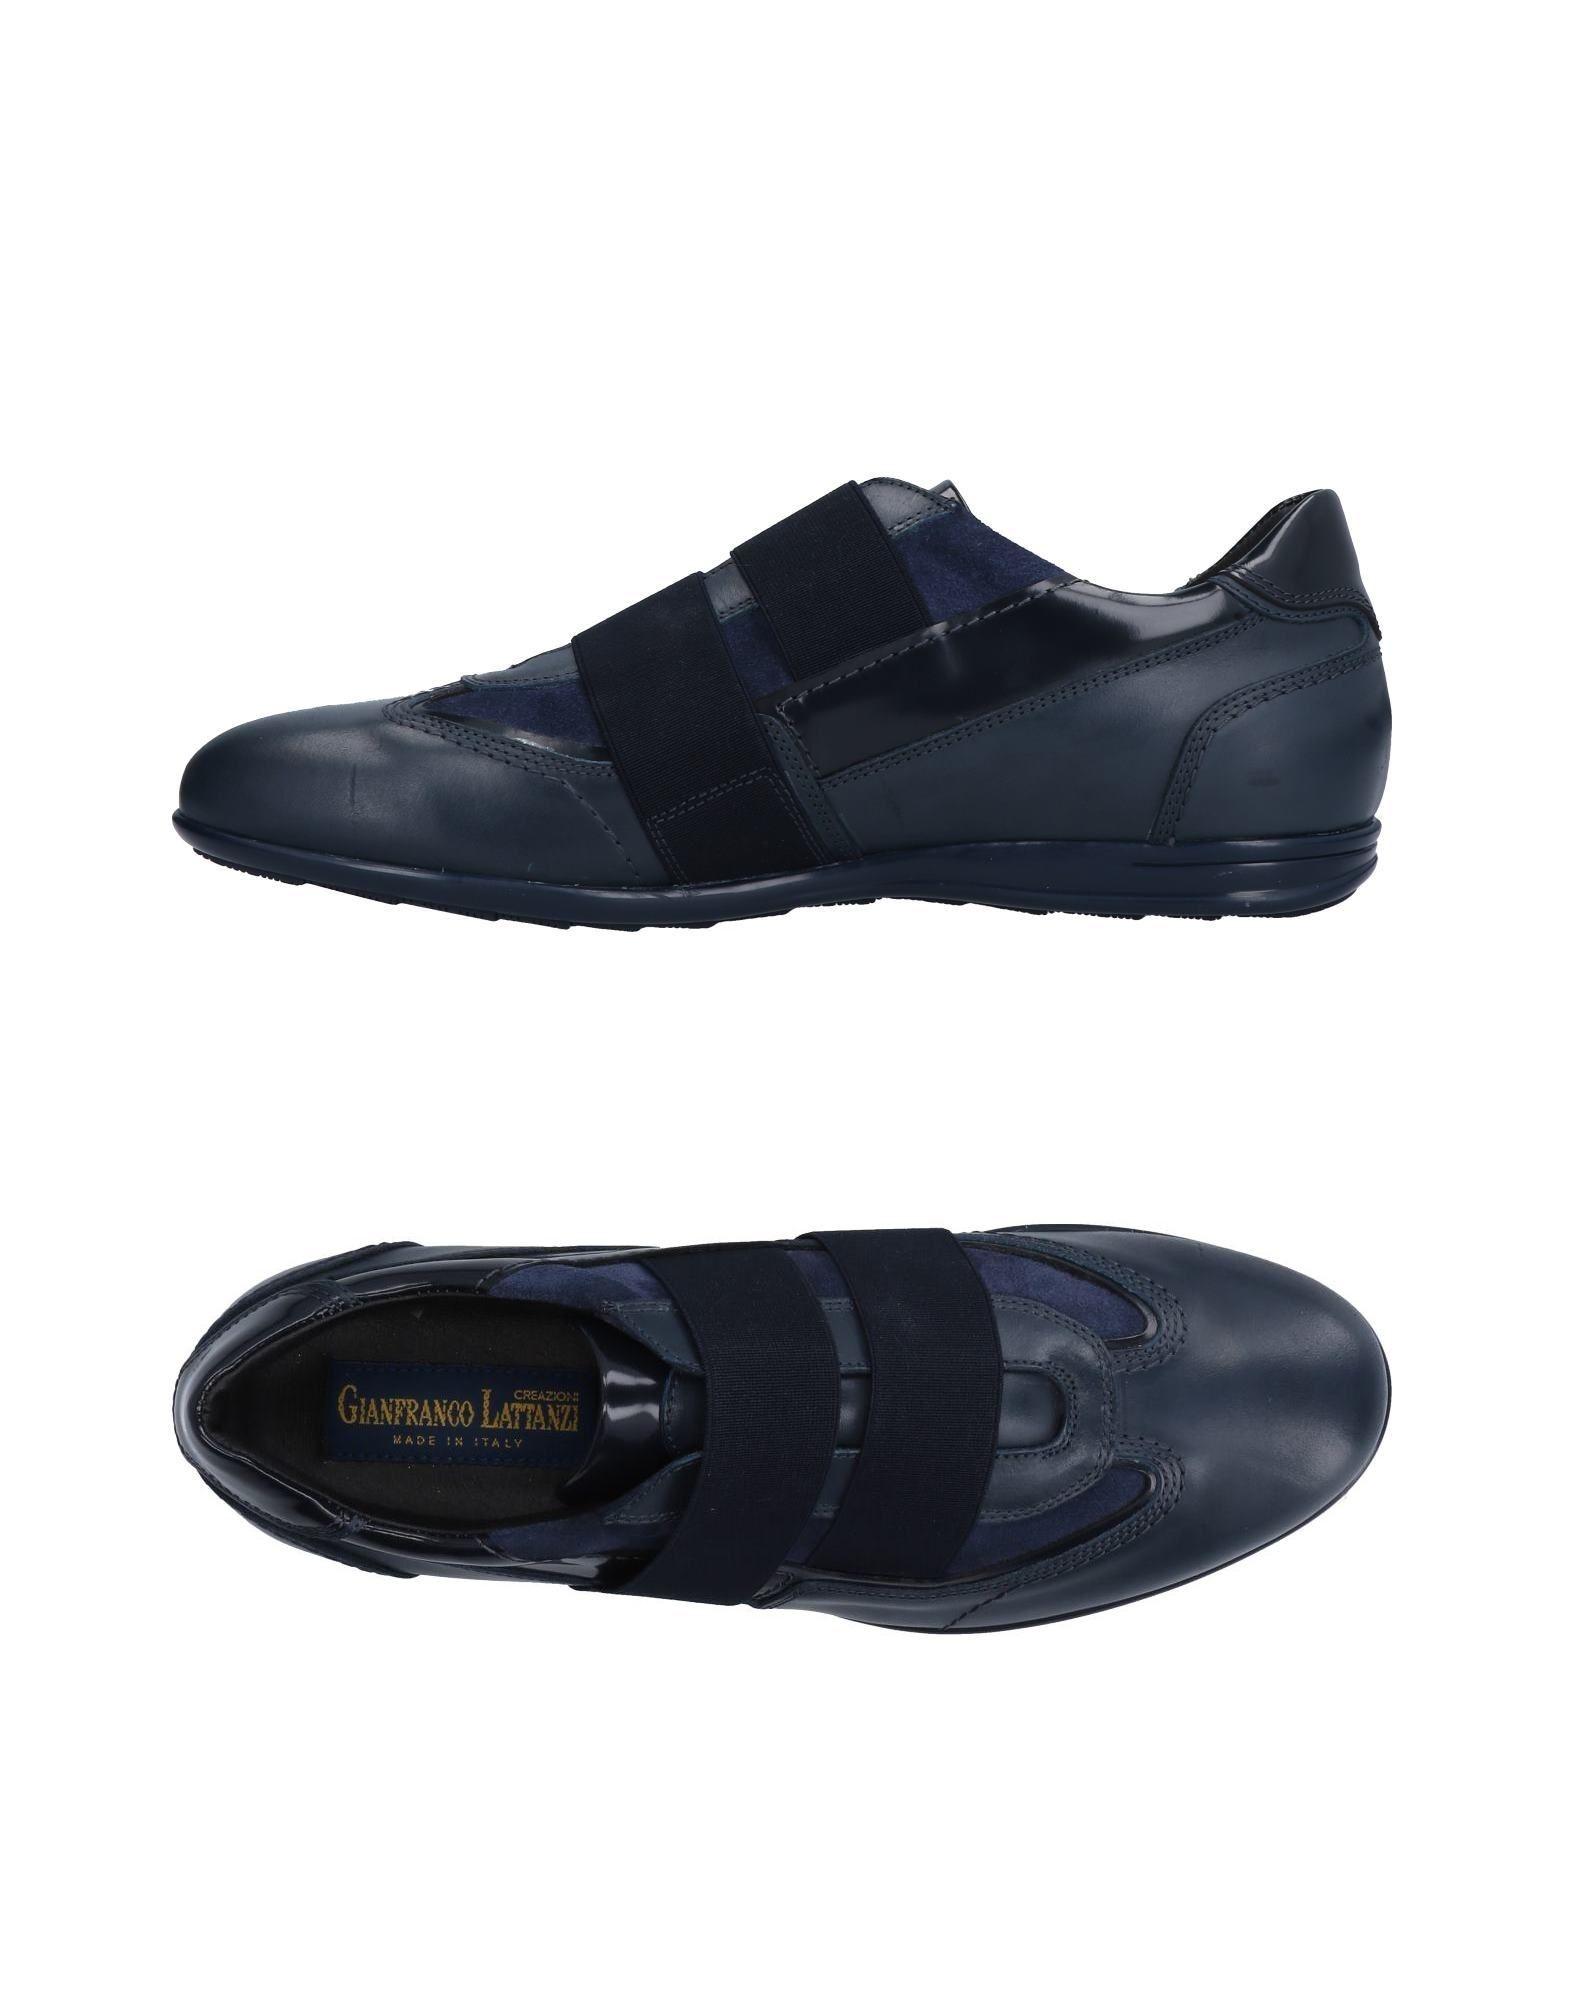 Sneakers Gianfranco Lattanzi Homme - Sneakers Gianfranco Lattanzi  Noir Les chaussures les plus populaires pour les hommes et les femmes